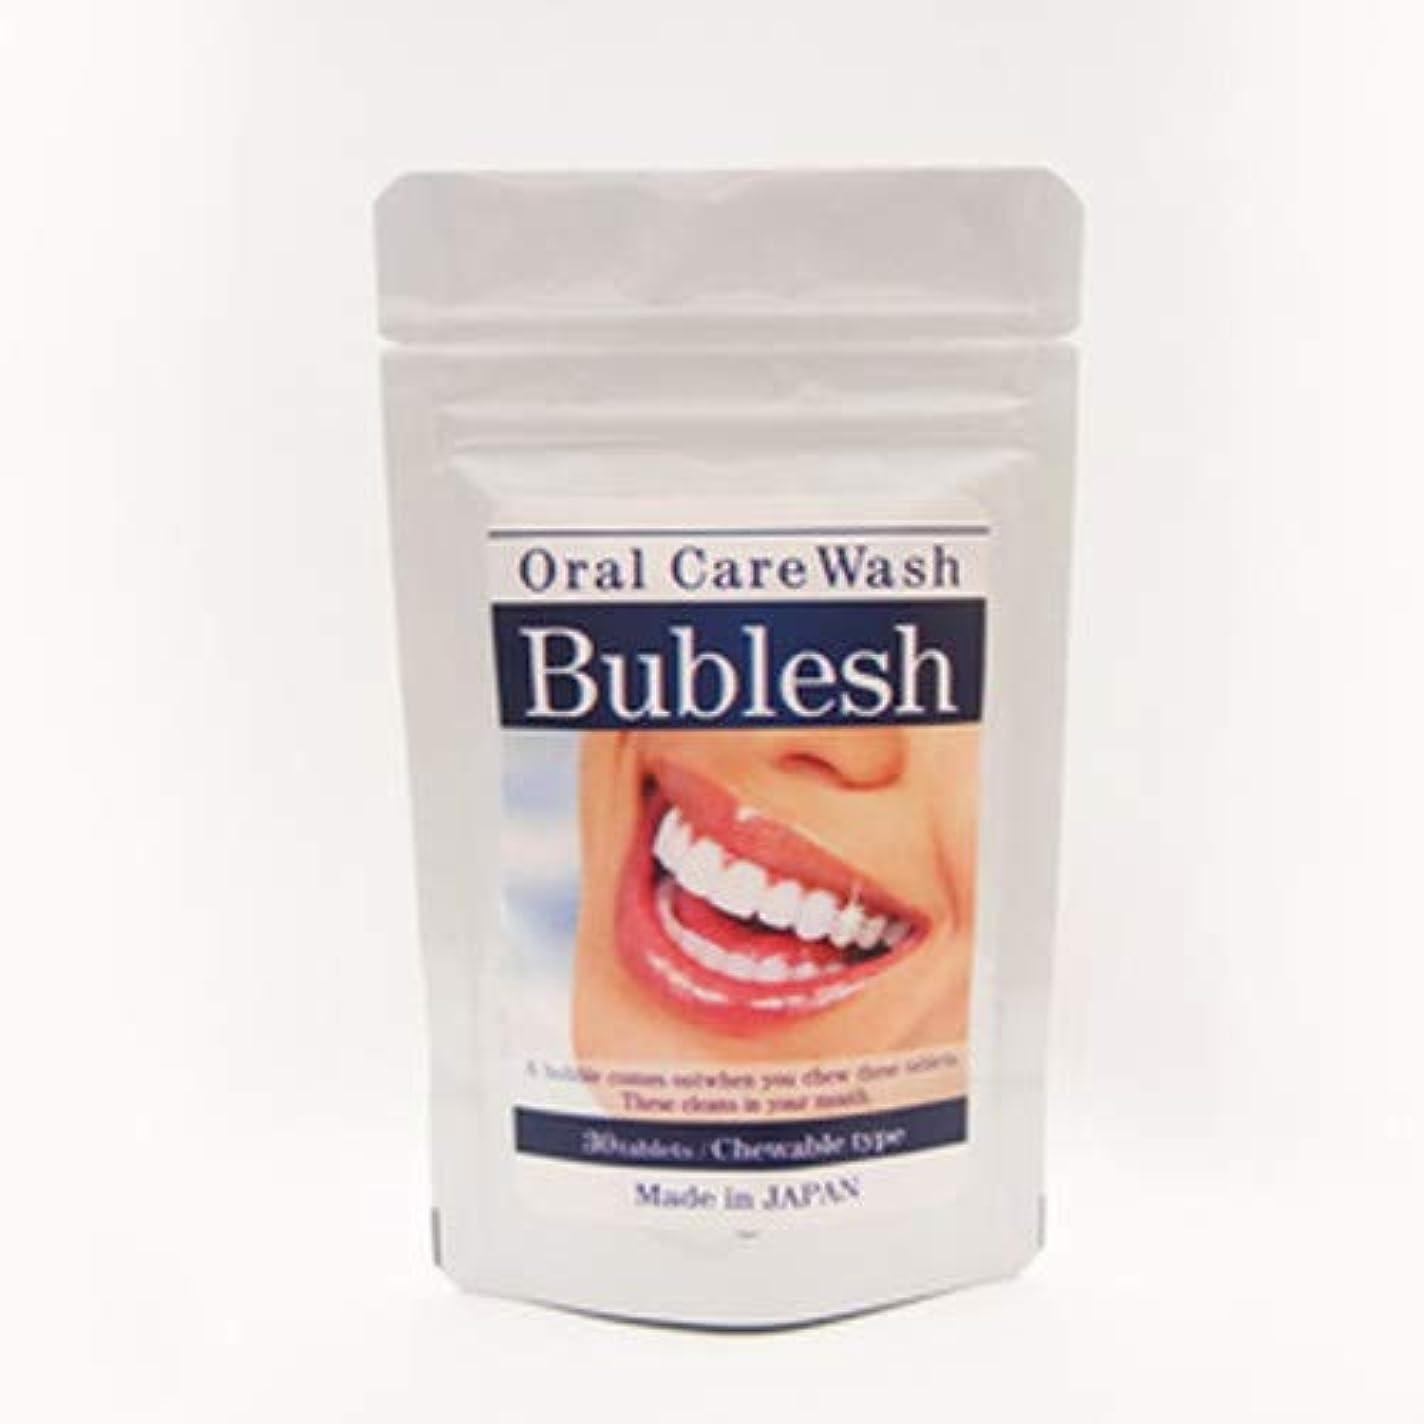 消化腹ヒューマニスティック【オーラルケアウォッシュバブレッシュ】 30 粒 炭酸 タブレット 歯磨き